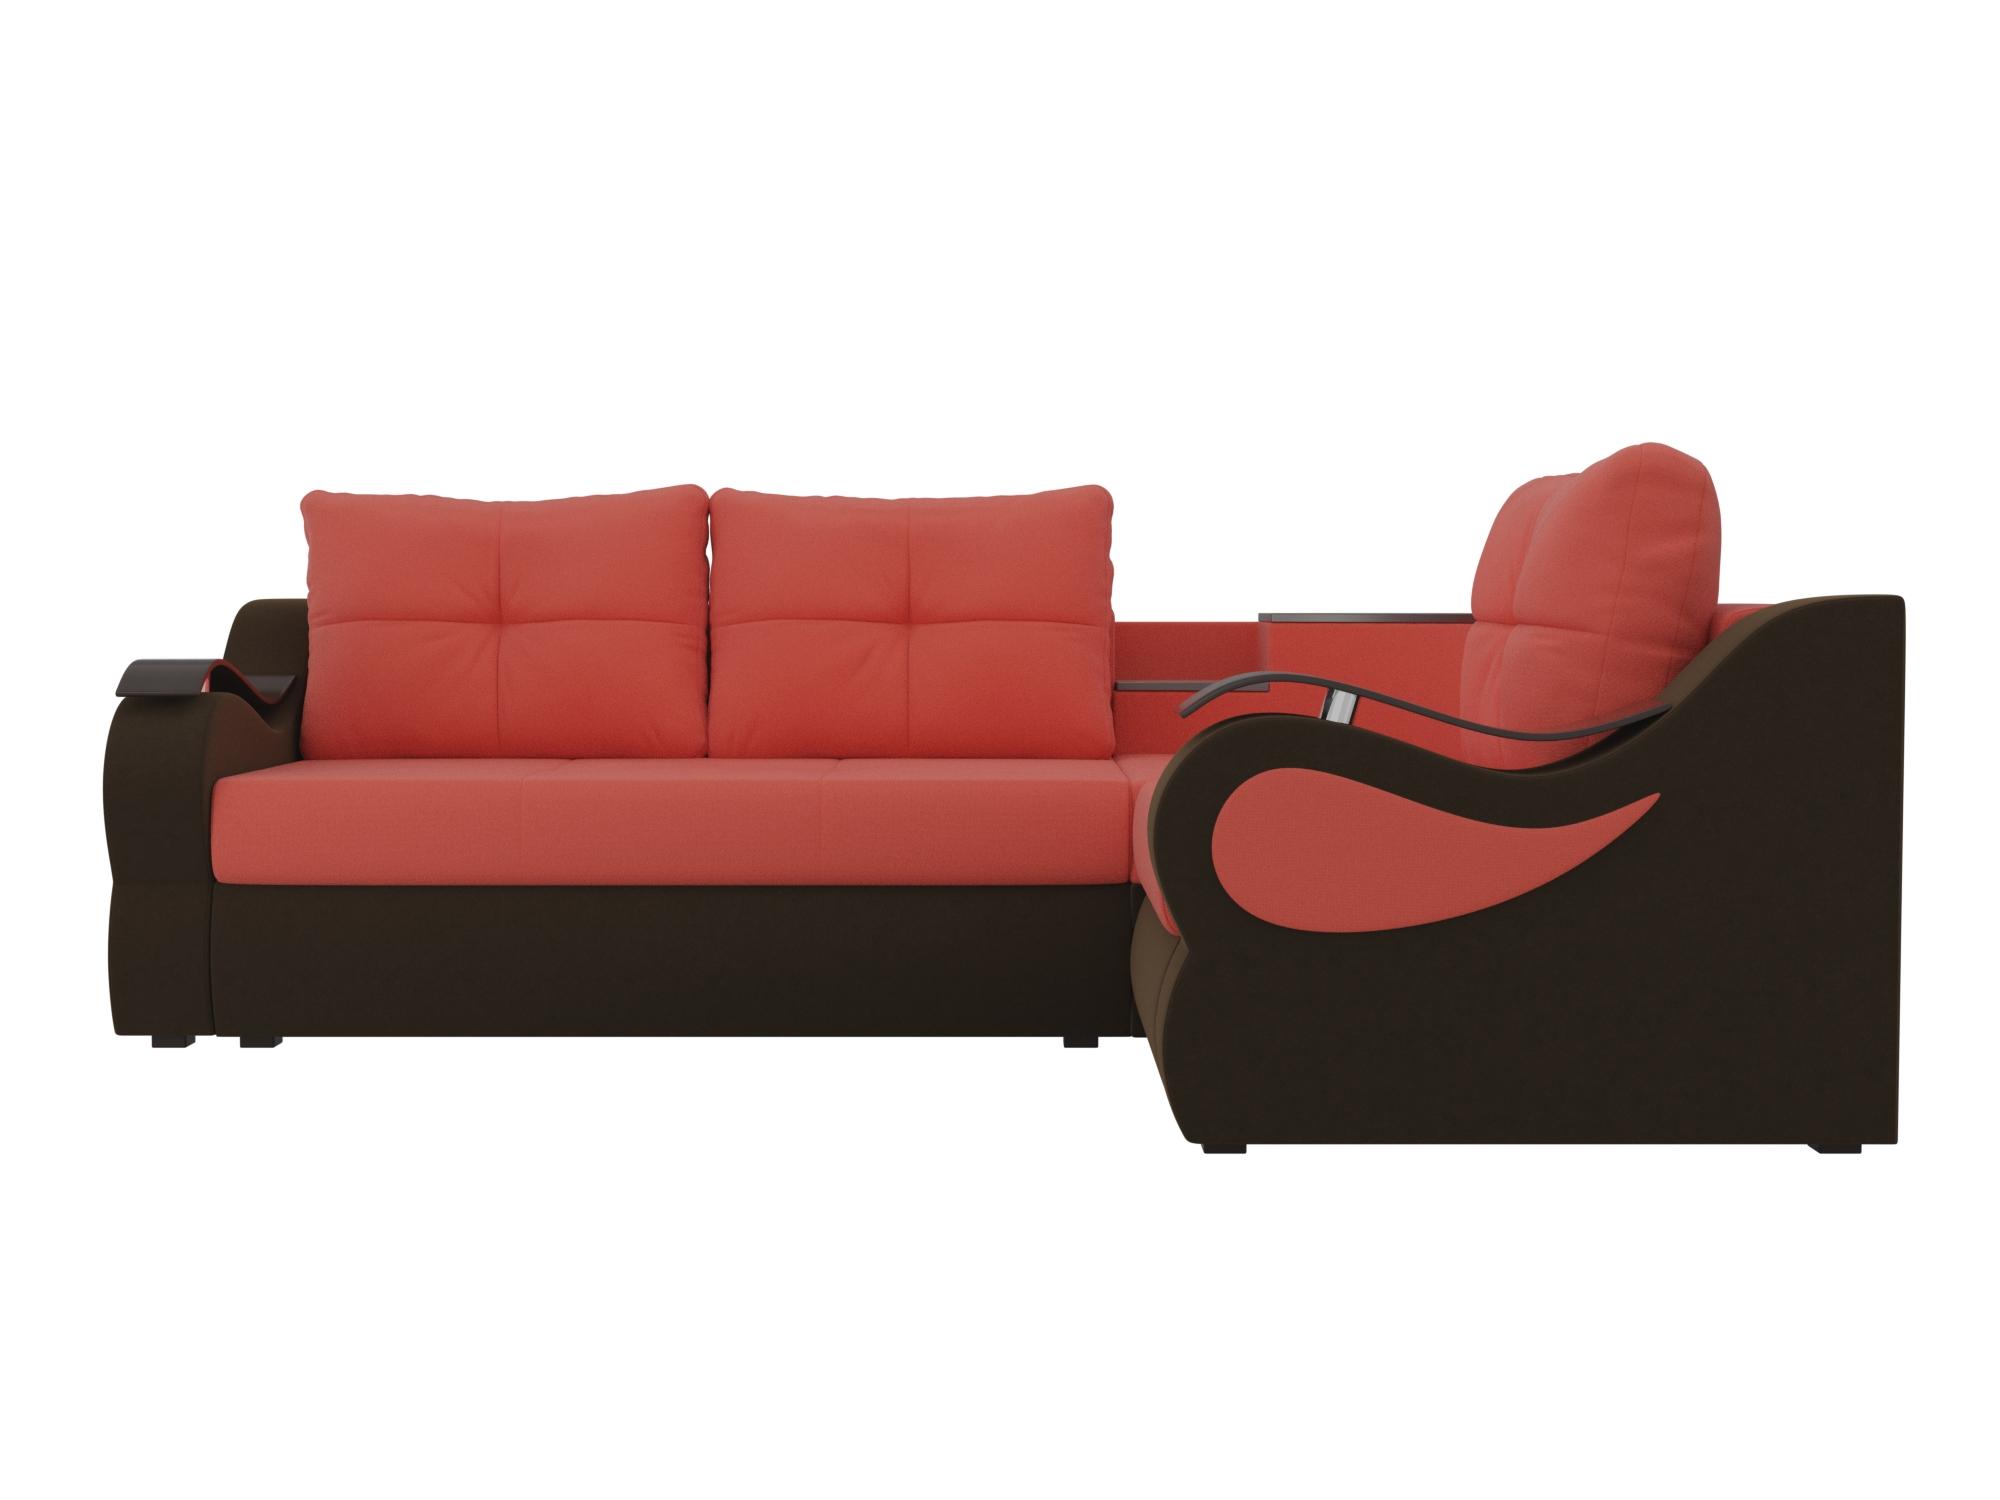 Угловой диван Митчелл Правый MebelVia Красный, Коричневый Коричневый, Красный